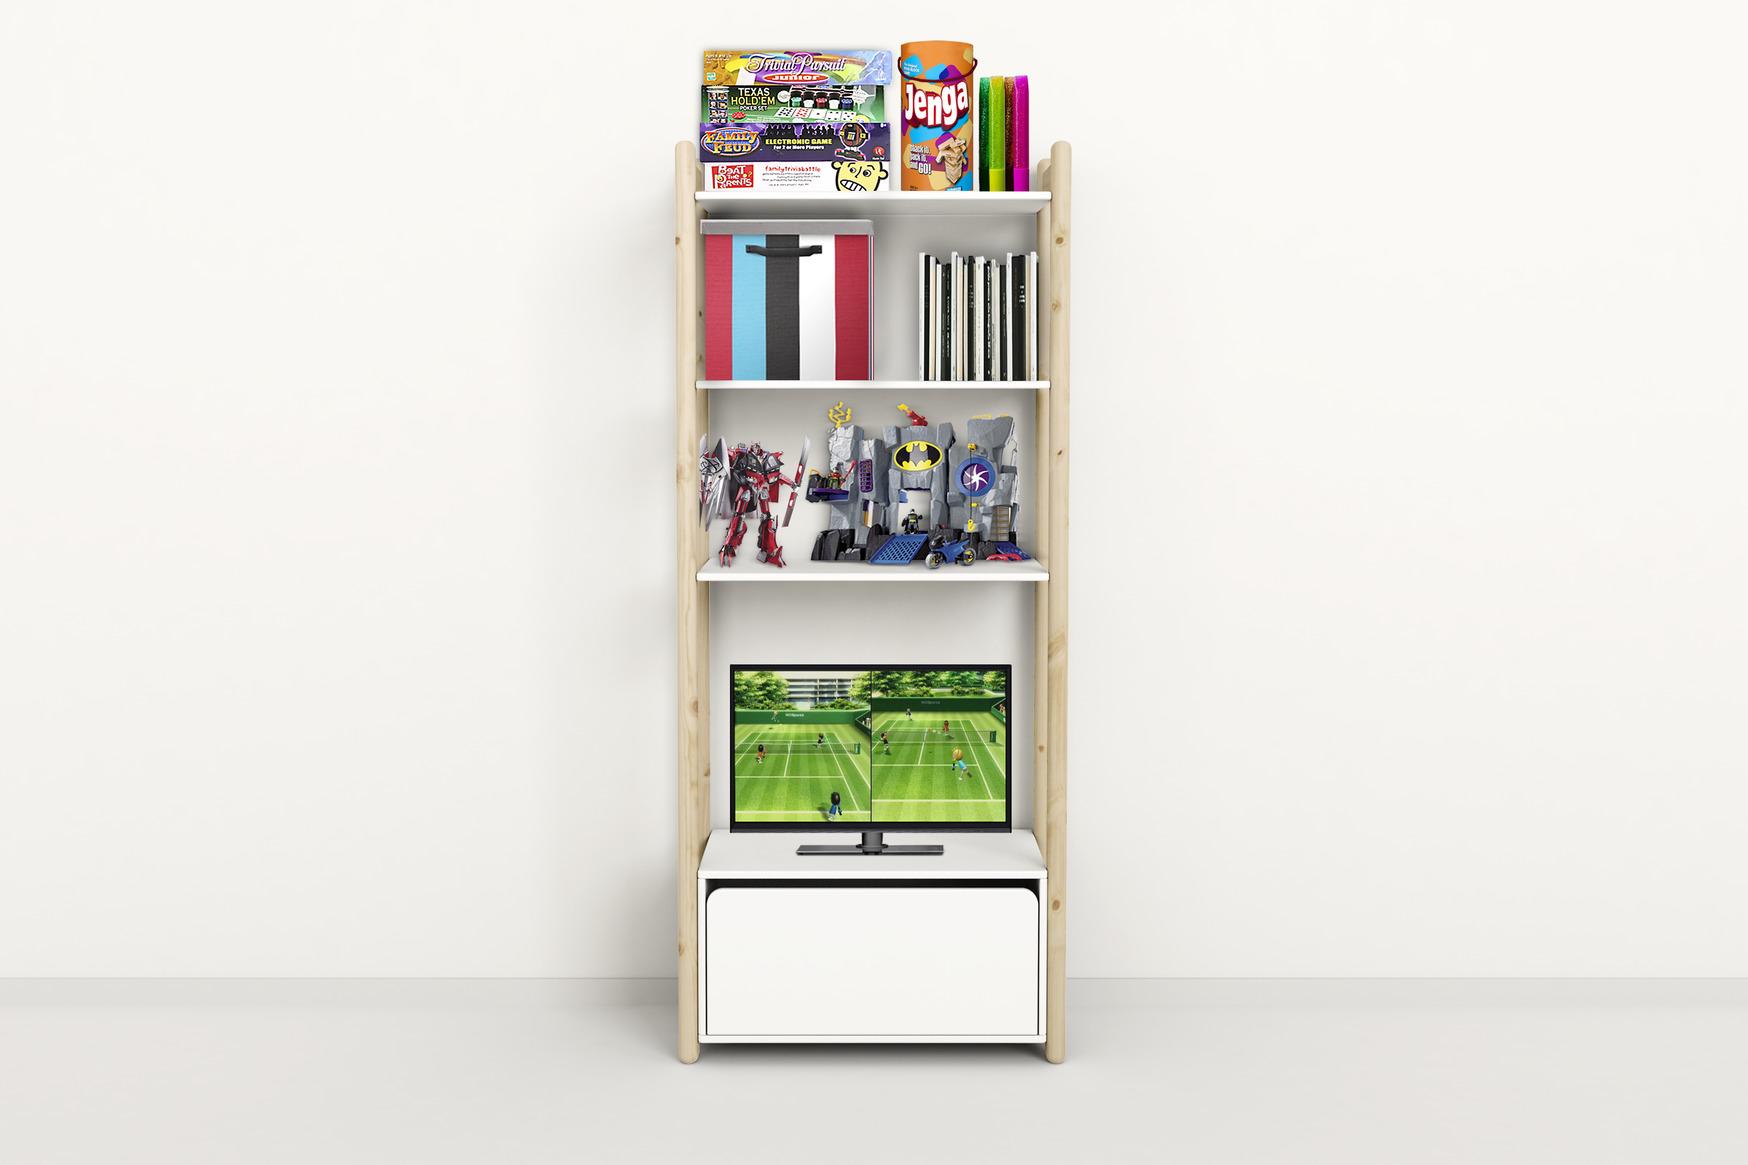 flexa regal shelfie mit schublade maxi b dannenfelser kinderm bel. Black Bedroom Furniture Sets. Home Design Ideas